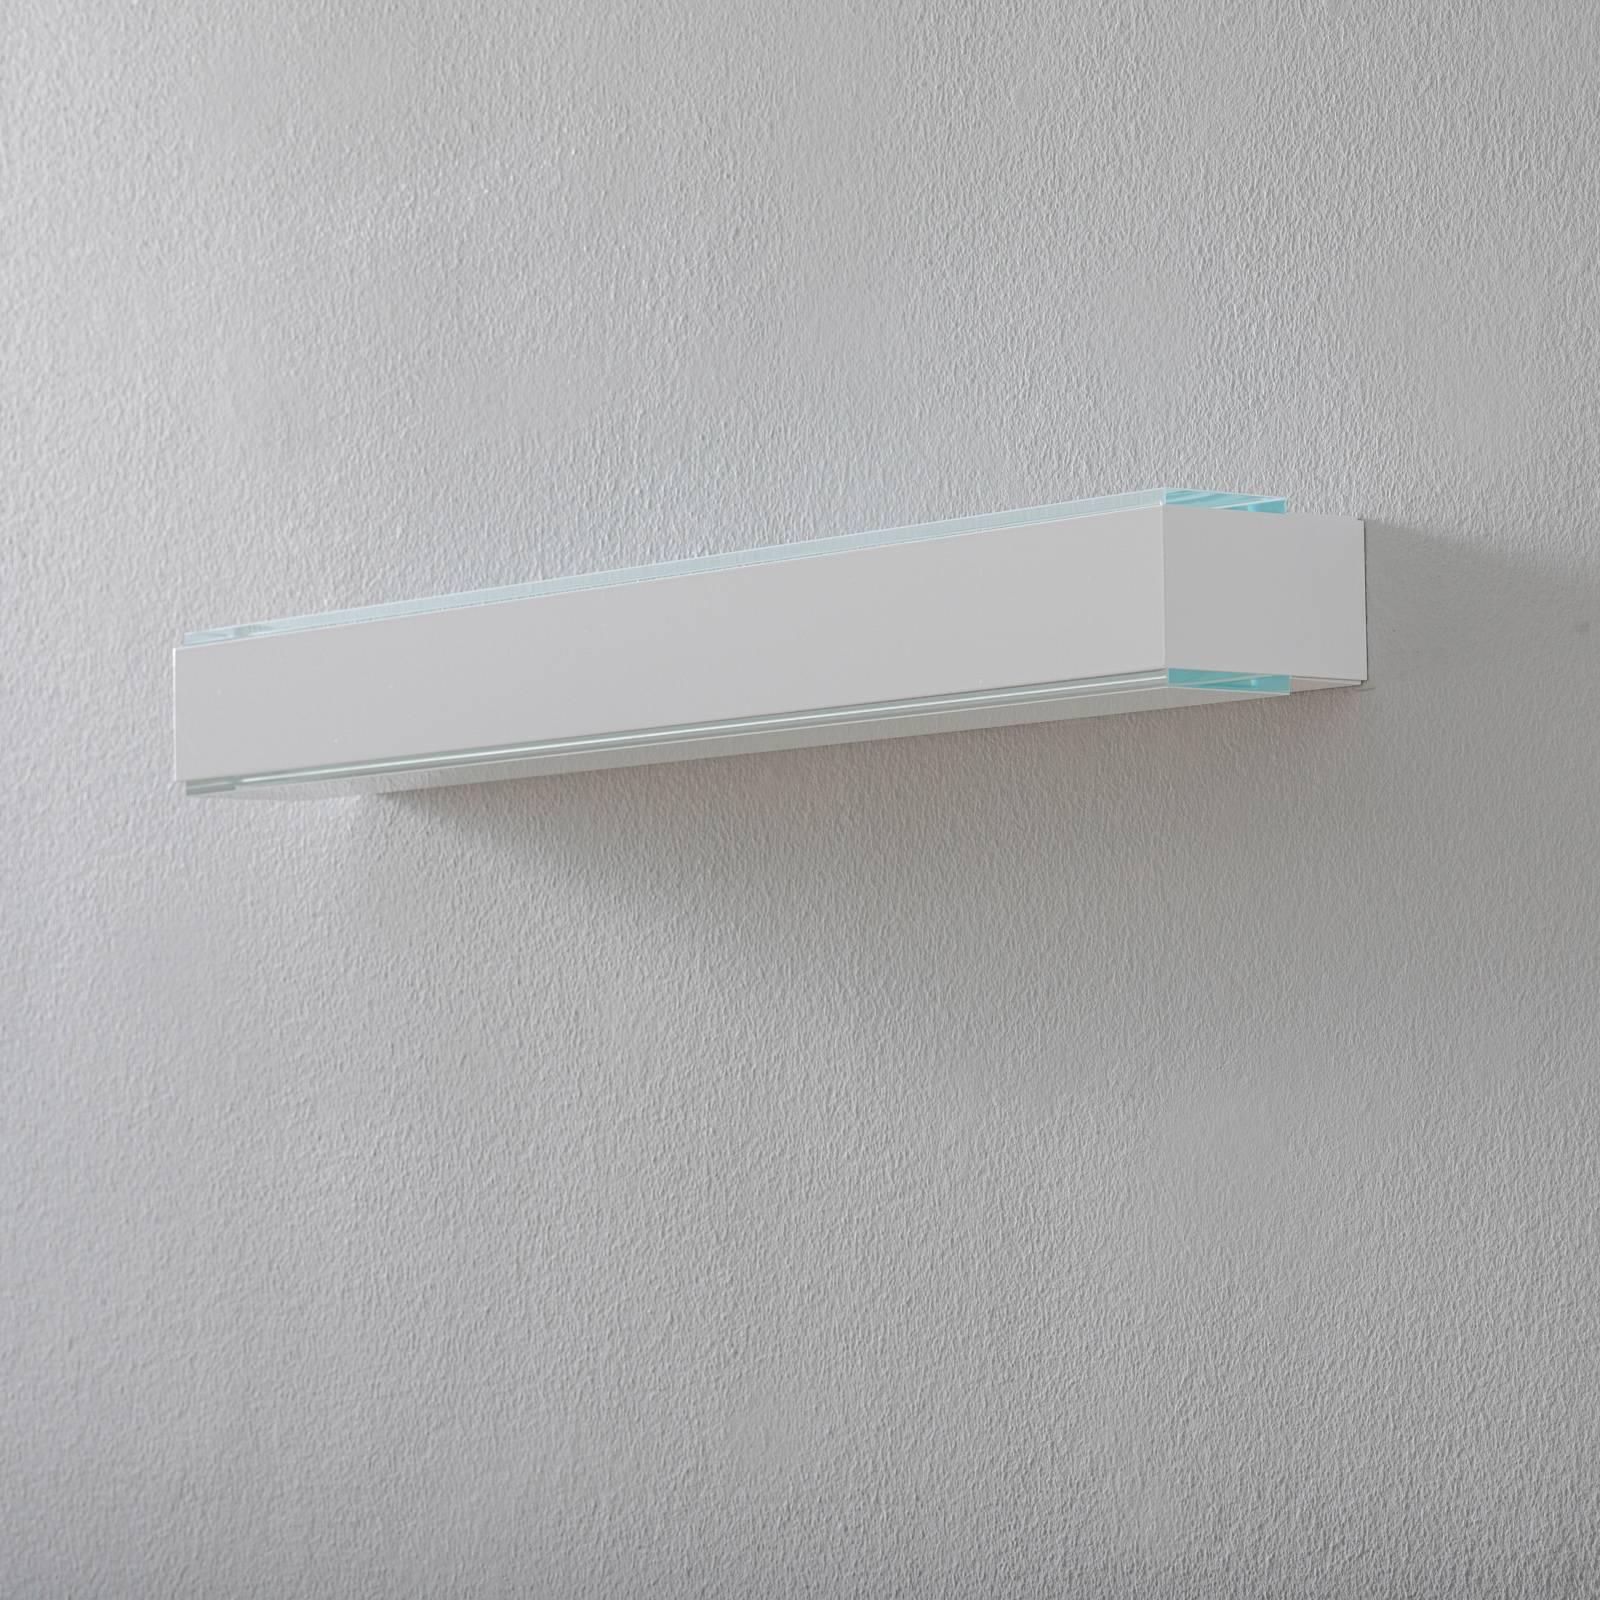 BEGA 78626 LED-seinävalaisin 3000K 60 cm valkoinen